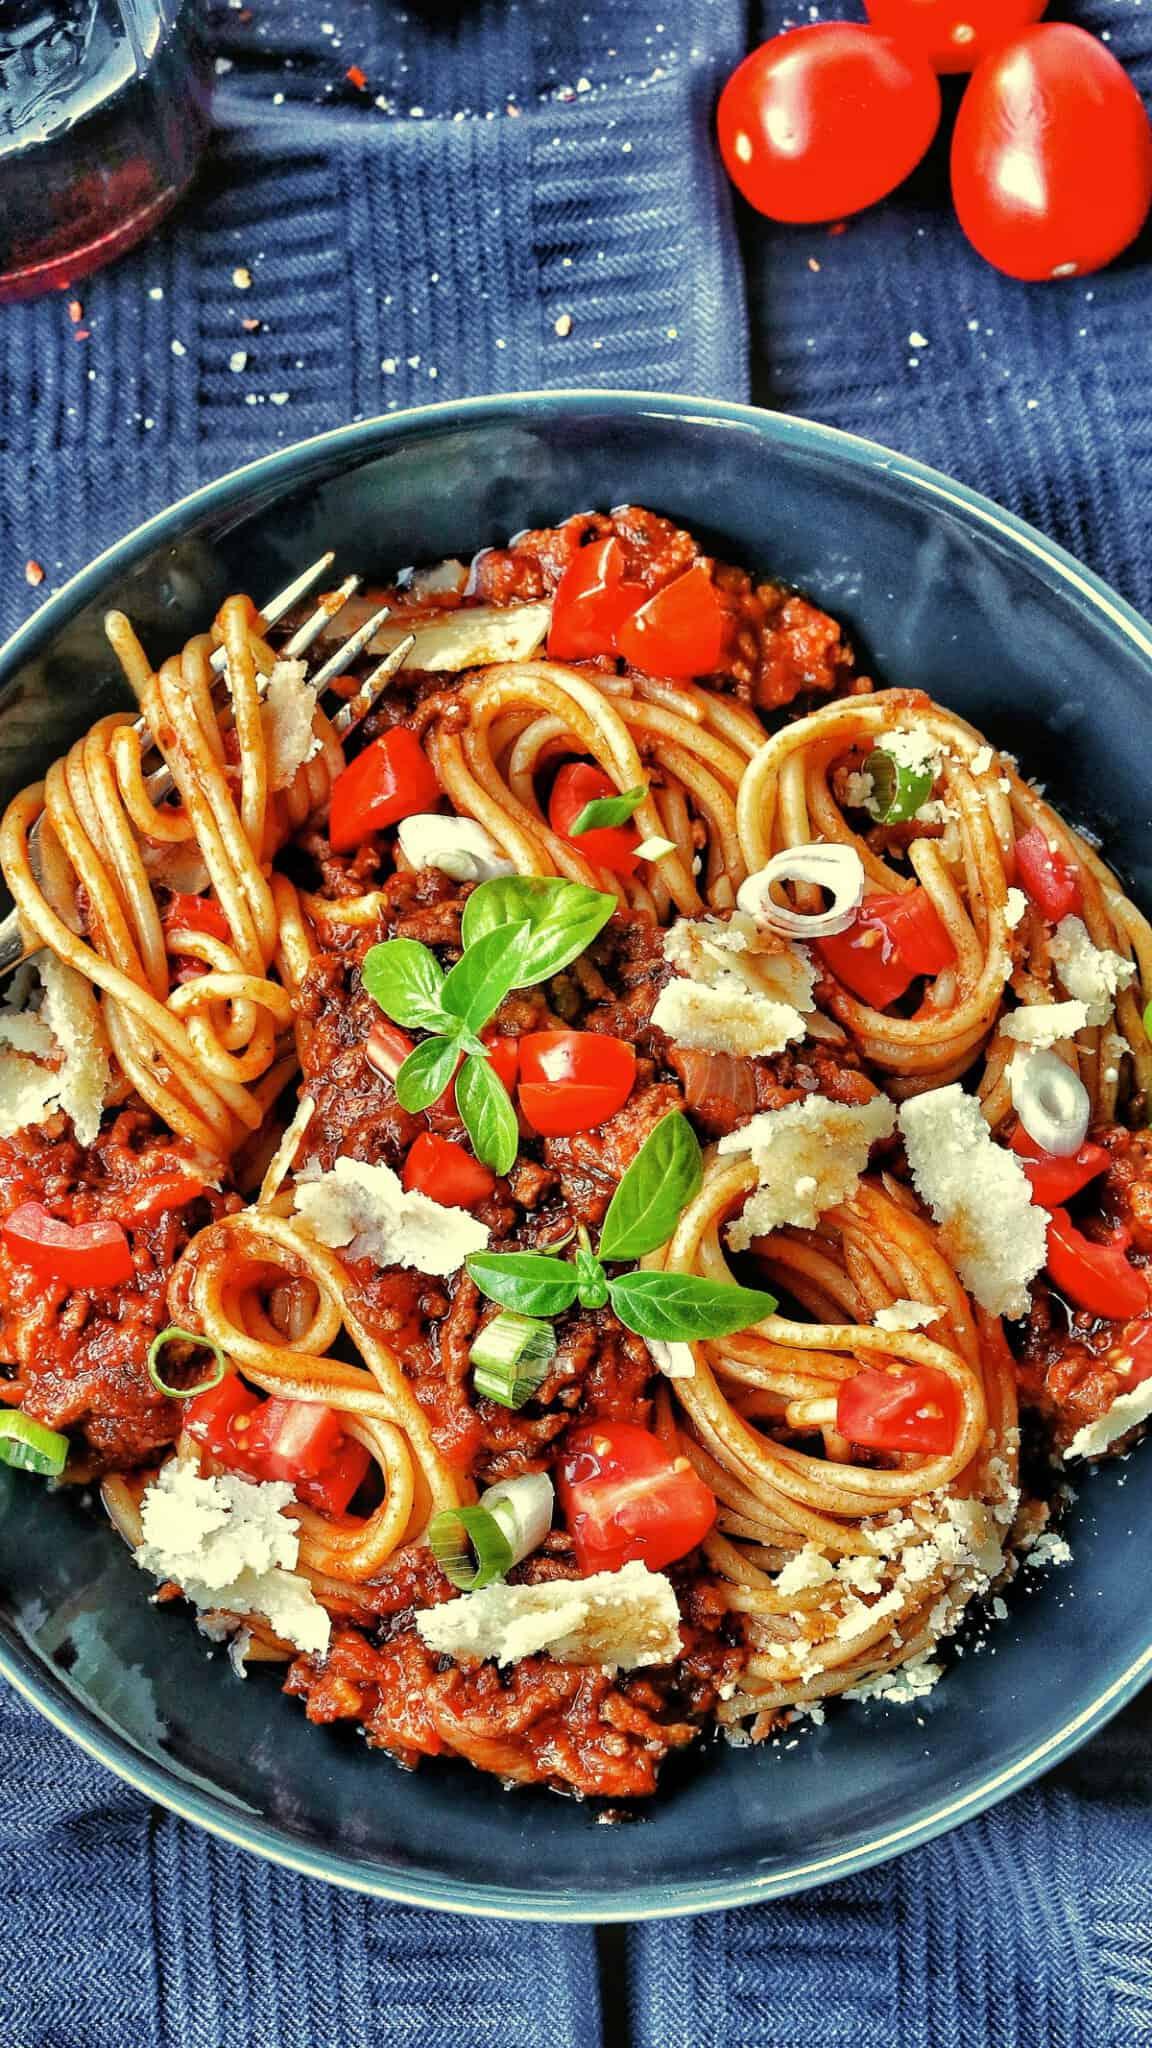 Ein Teller mit Spaghetti Bolognese mit Tomaten und Basilikum.